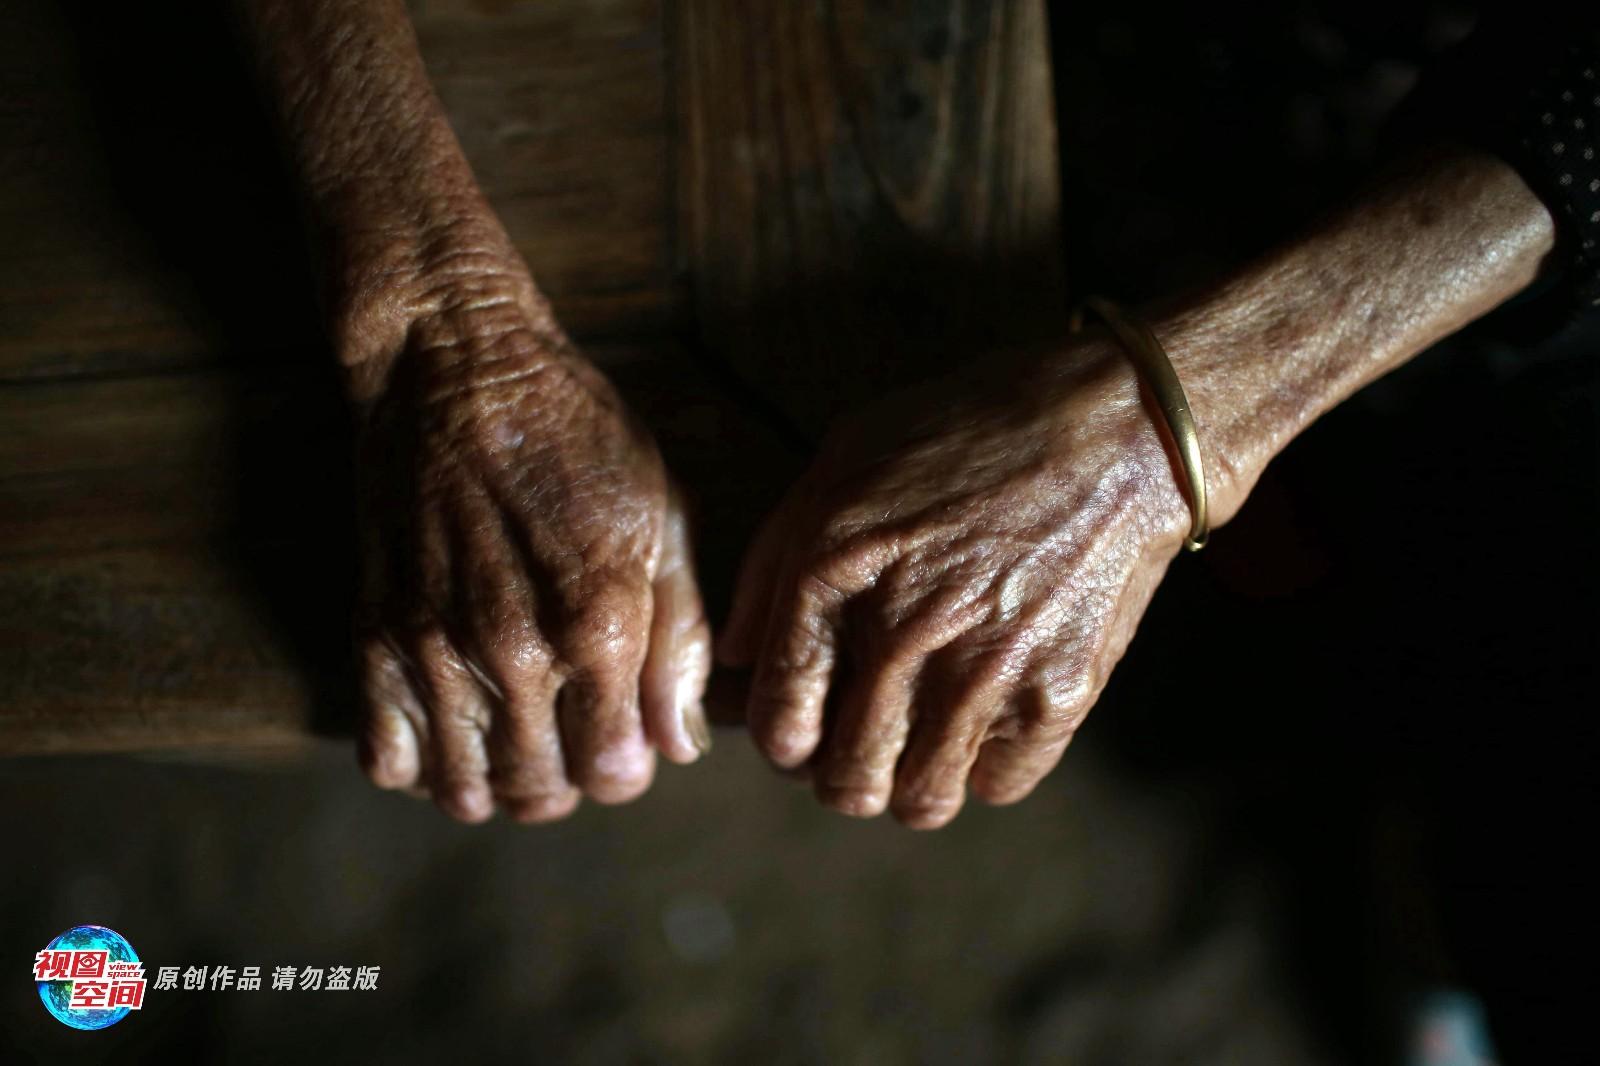 慰安妇最后的心愿: 远离慰安所安葬